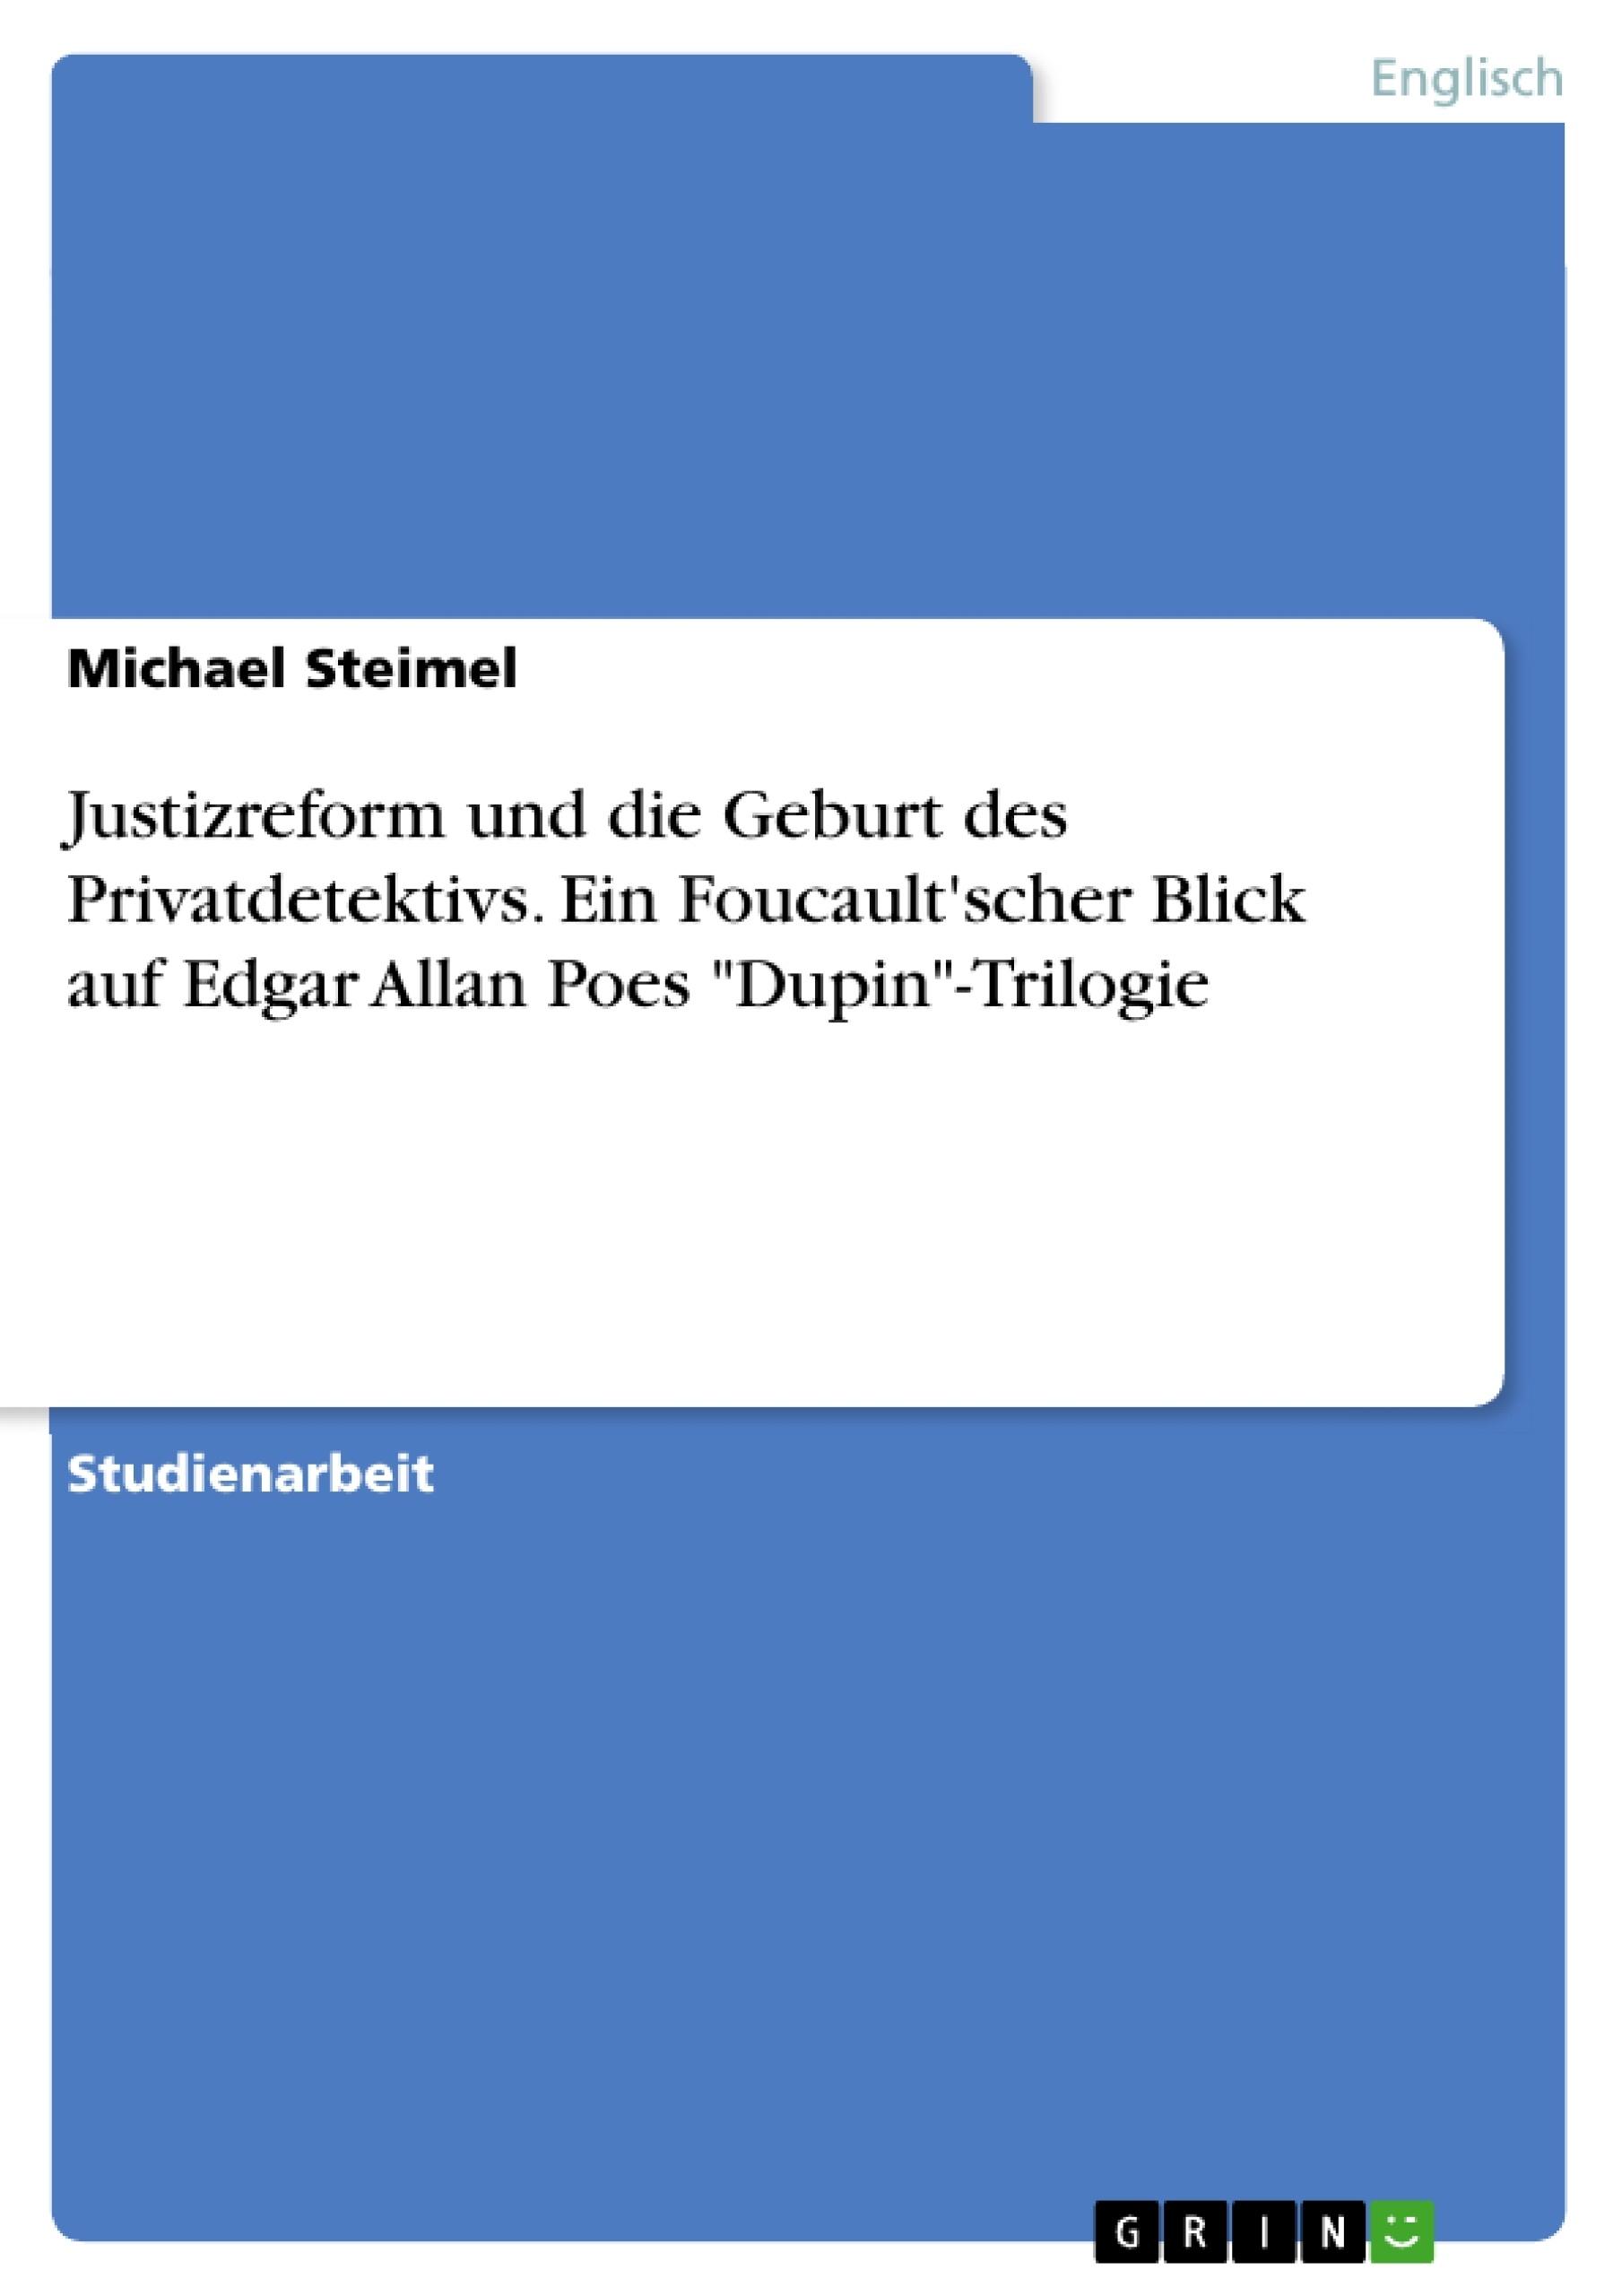 """Titel: Justizreform und die Geburt des Privatdetektivs. Ein Foucault'scher Blick auf Edgar Allan Poes """"Dupin""""-Trilogie"""